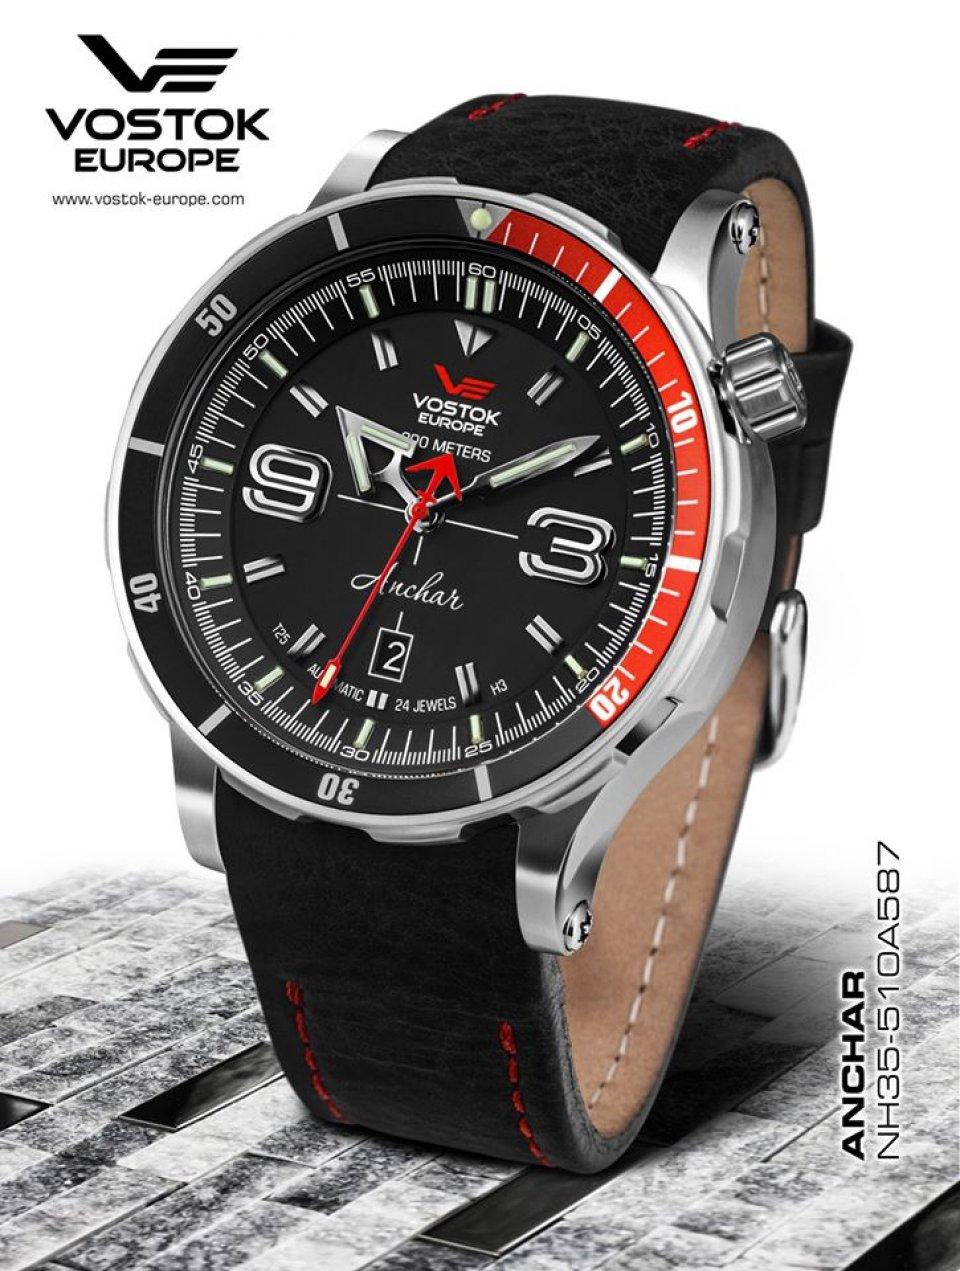 """極限""""で使える実用的な腕時計」を目指すVOSTOK EUROPEの中でも大ヒット ..."""